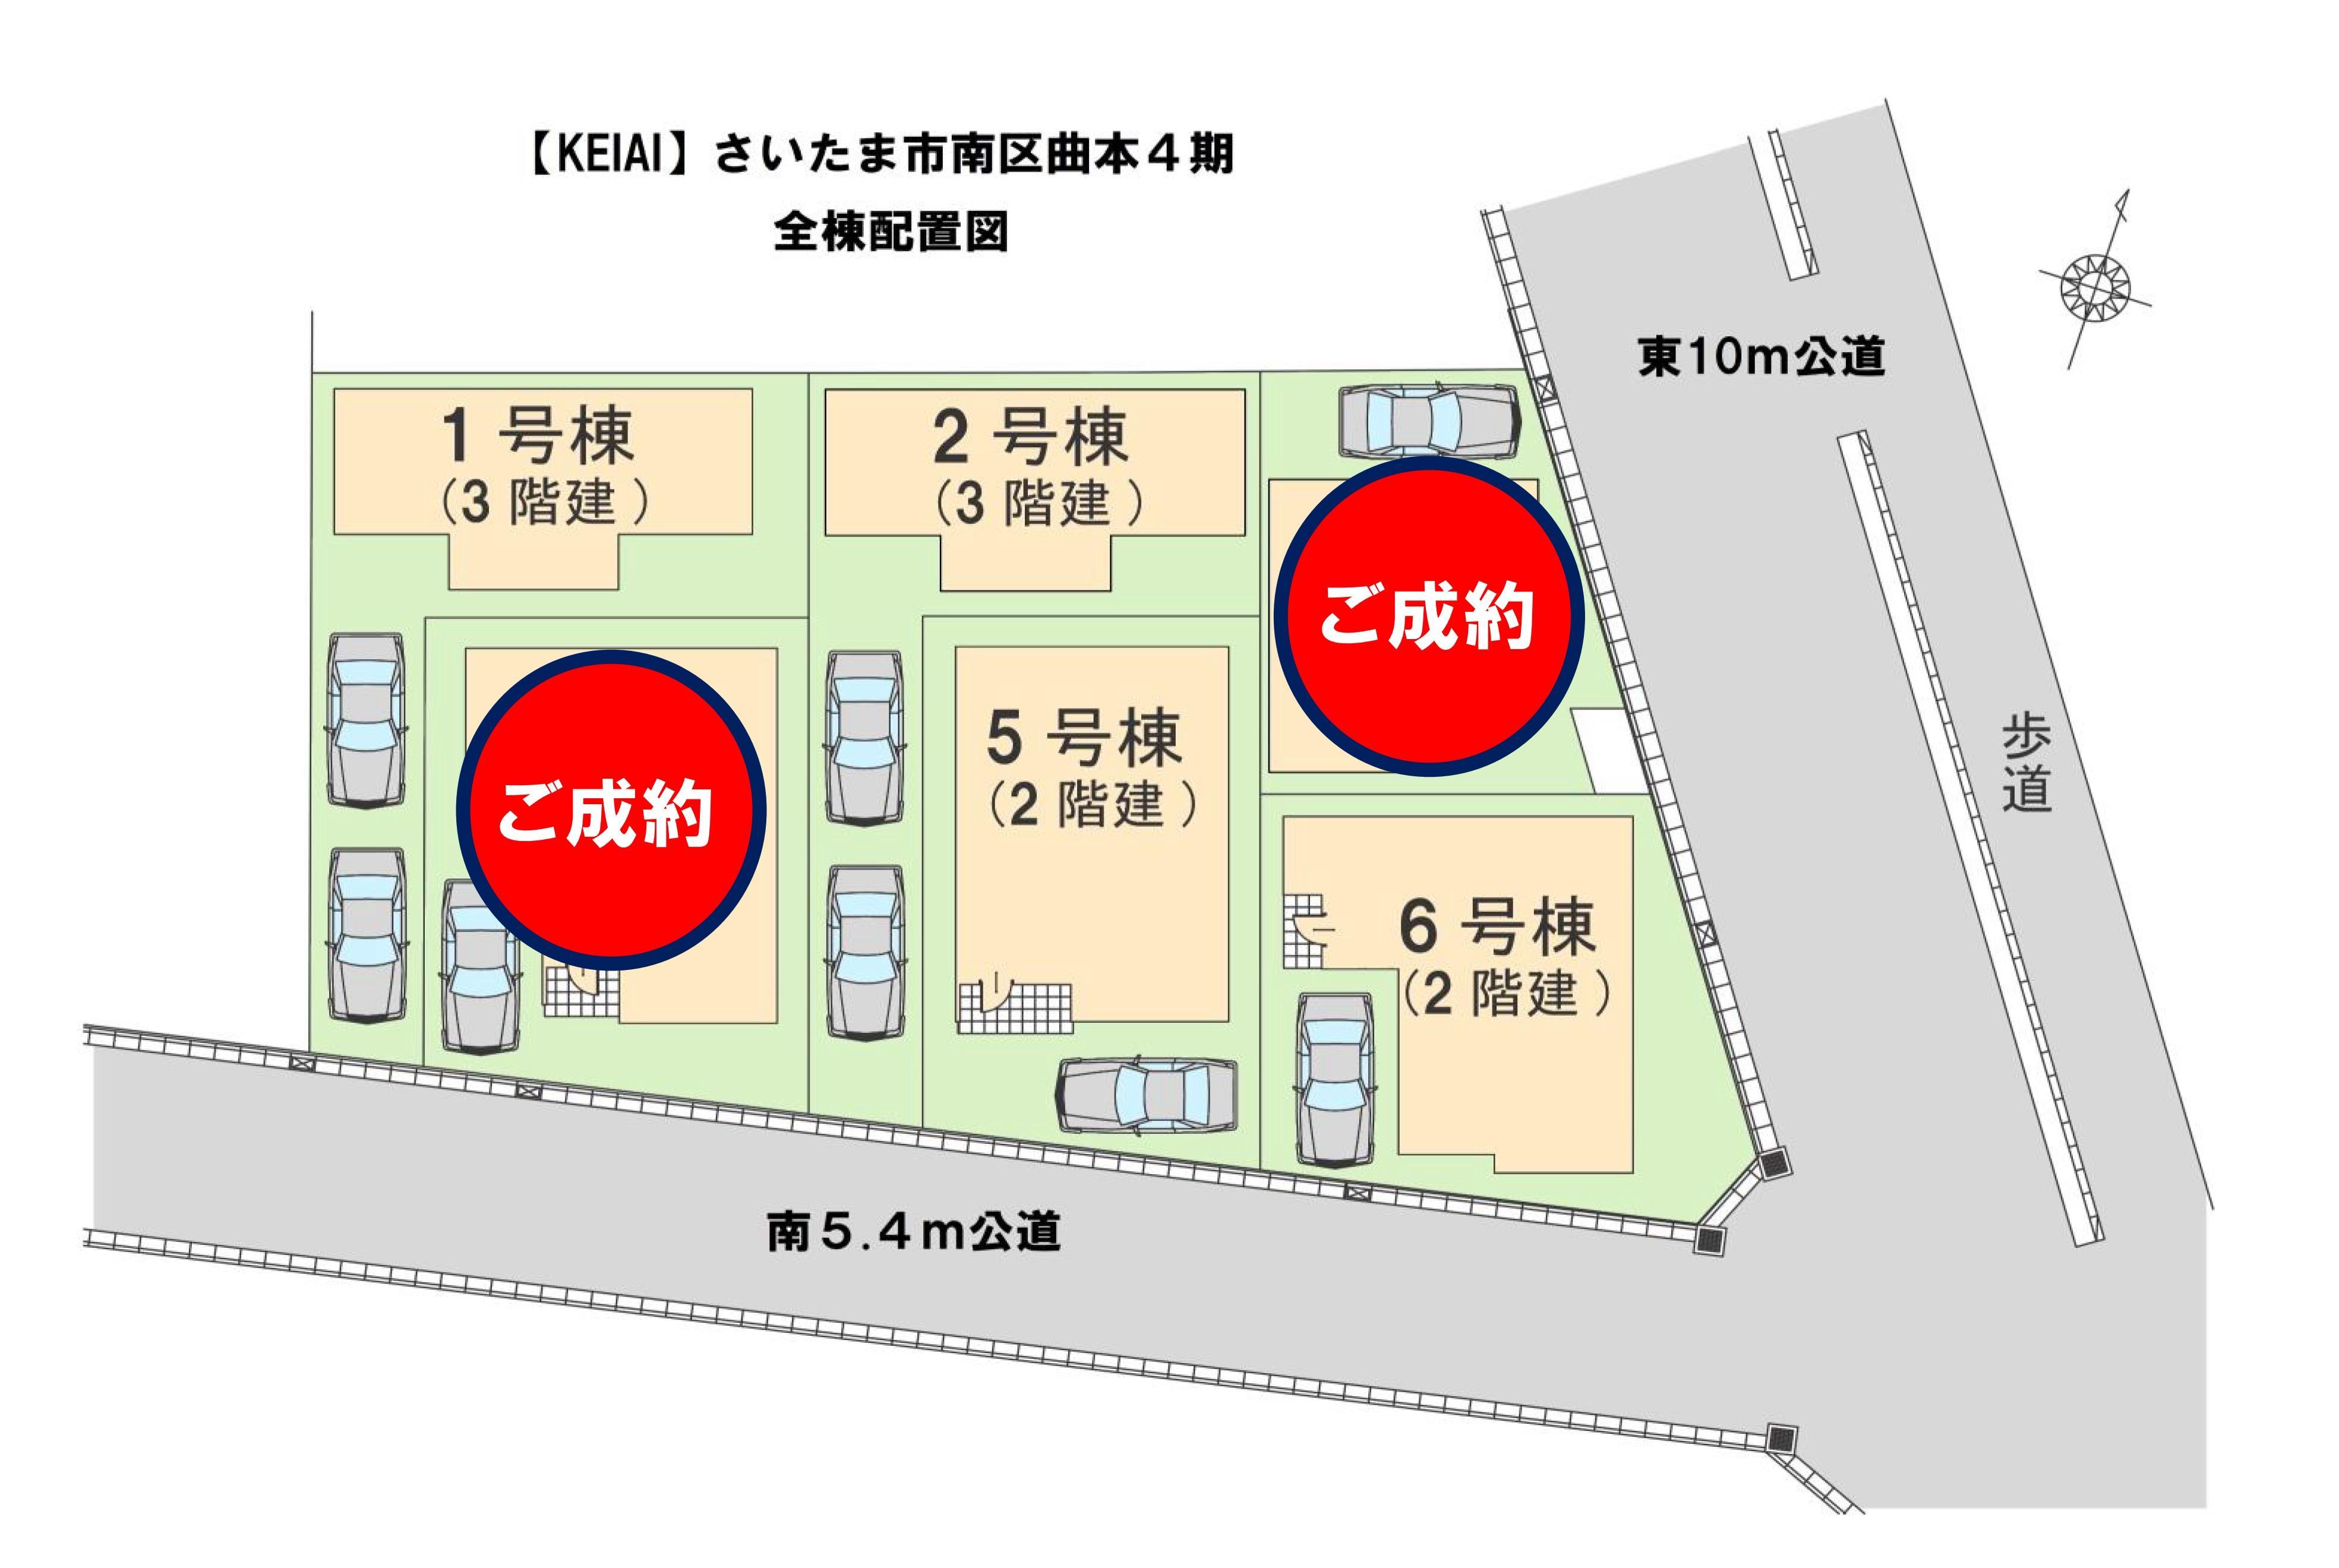 全体区画図【全棟配置図】  建築前に2棟、ご成約です♪  統一感のあるキレイな街並の分譲地です♪